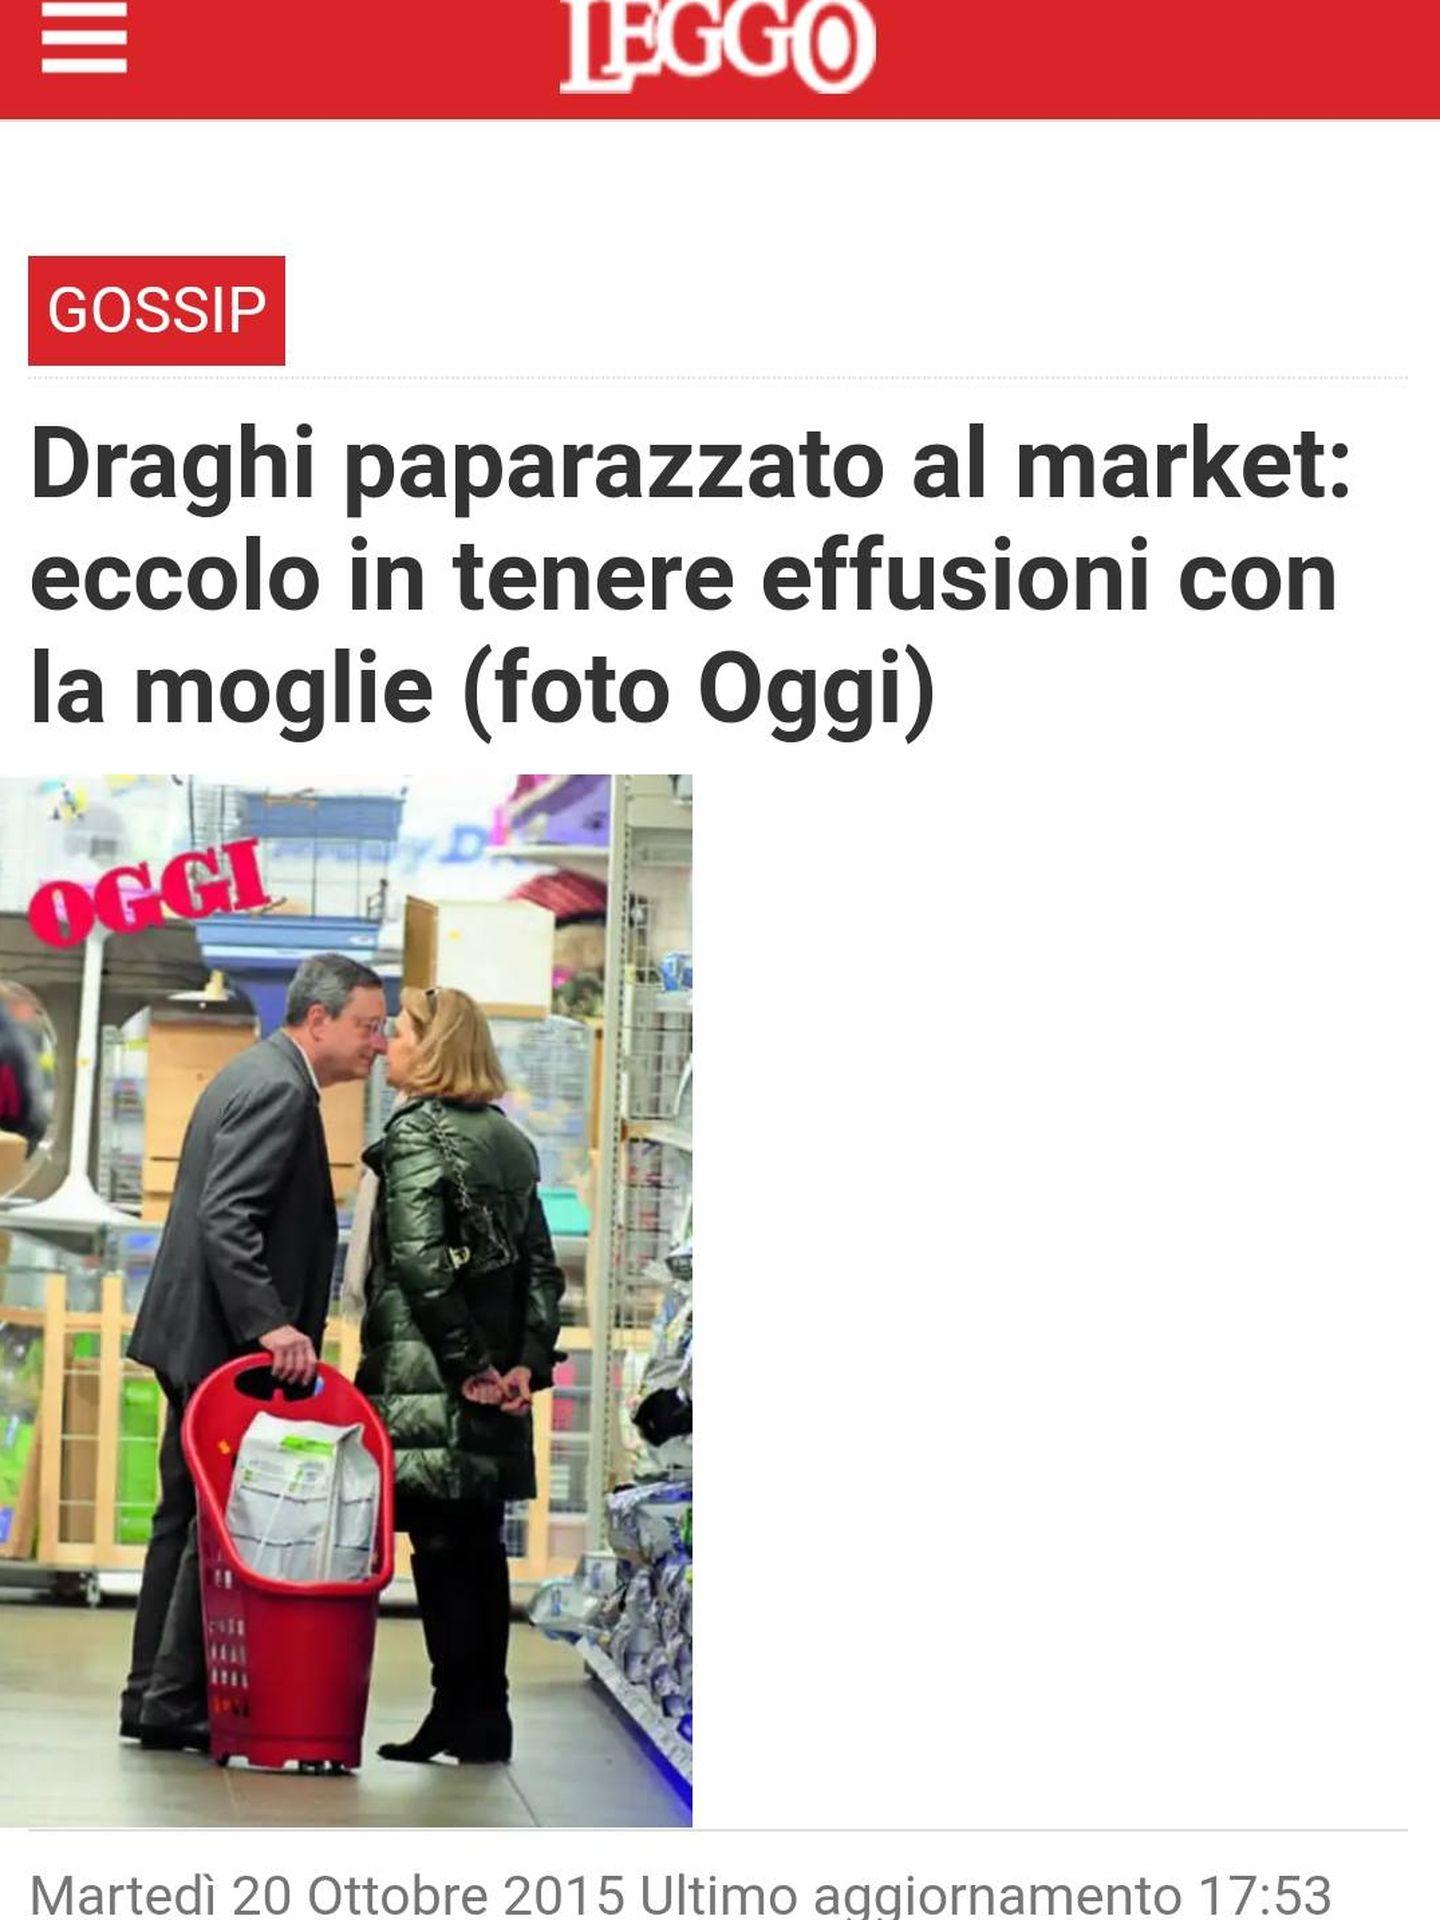 La prensa alaba el amor de la pareja Draghi y publica sus imágenes. (Leggo)